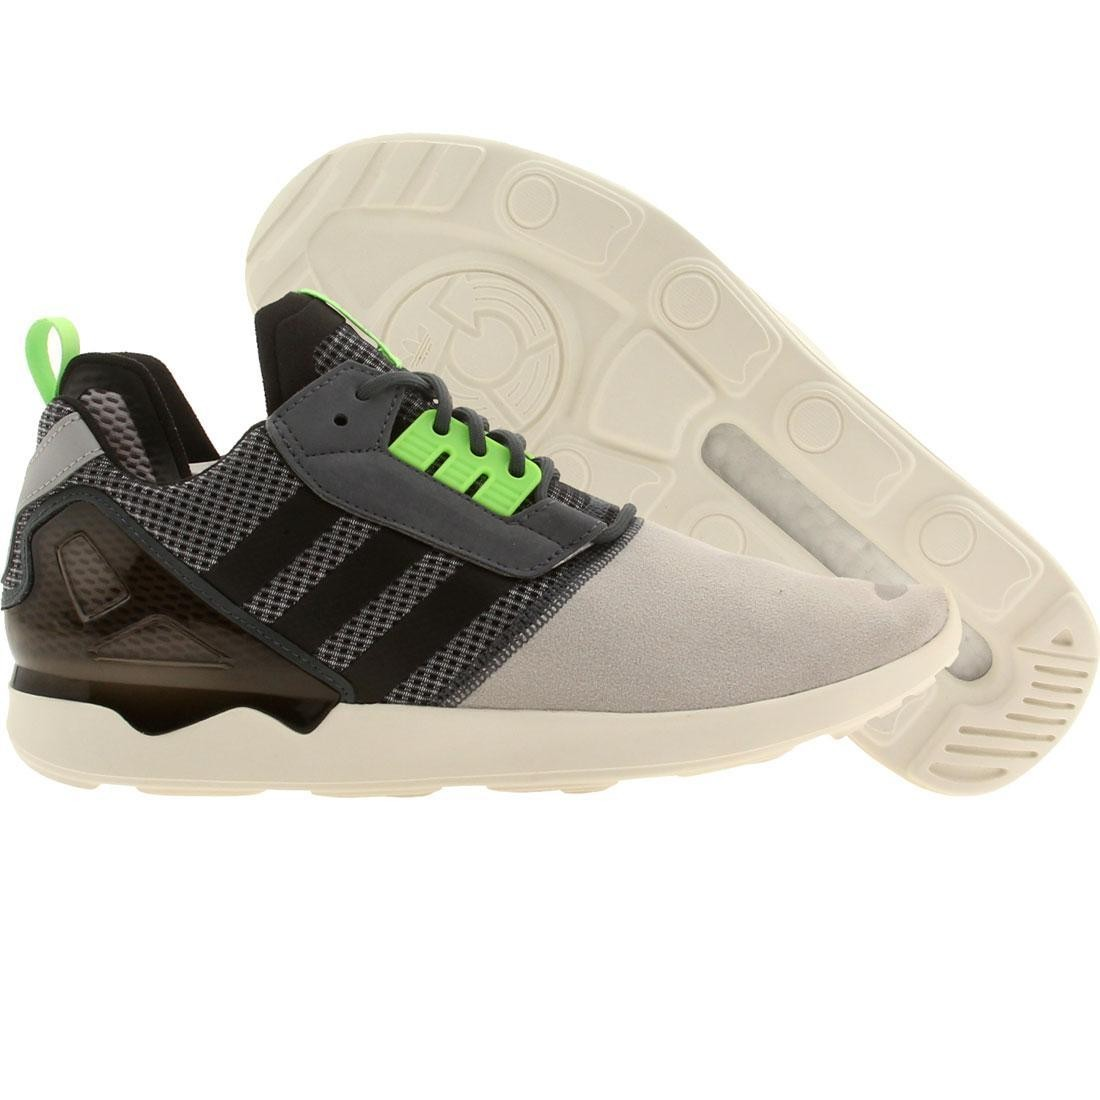 【海外限定】アディダス ブースト 靴 スニーカー 【 ADIDAS MEN ZX 8000 BOOST GRAY BOONIX MGSOGR 】